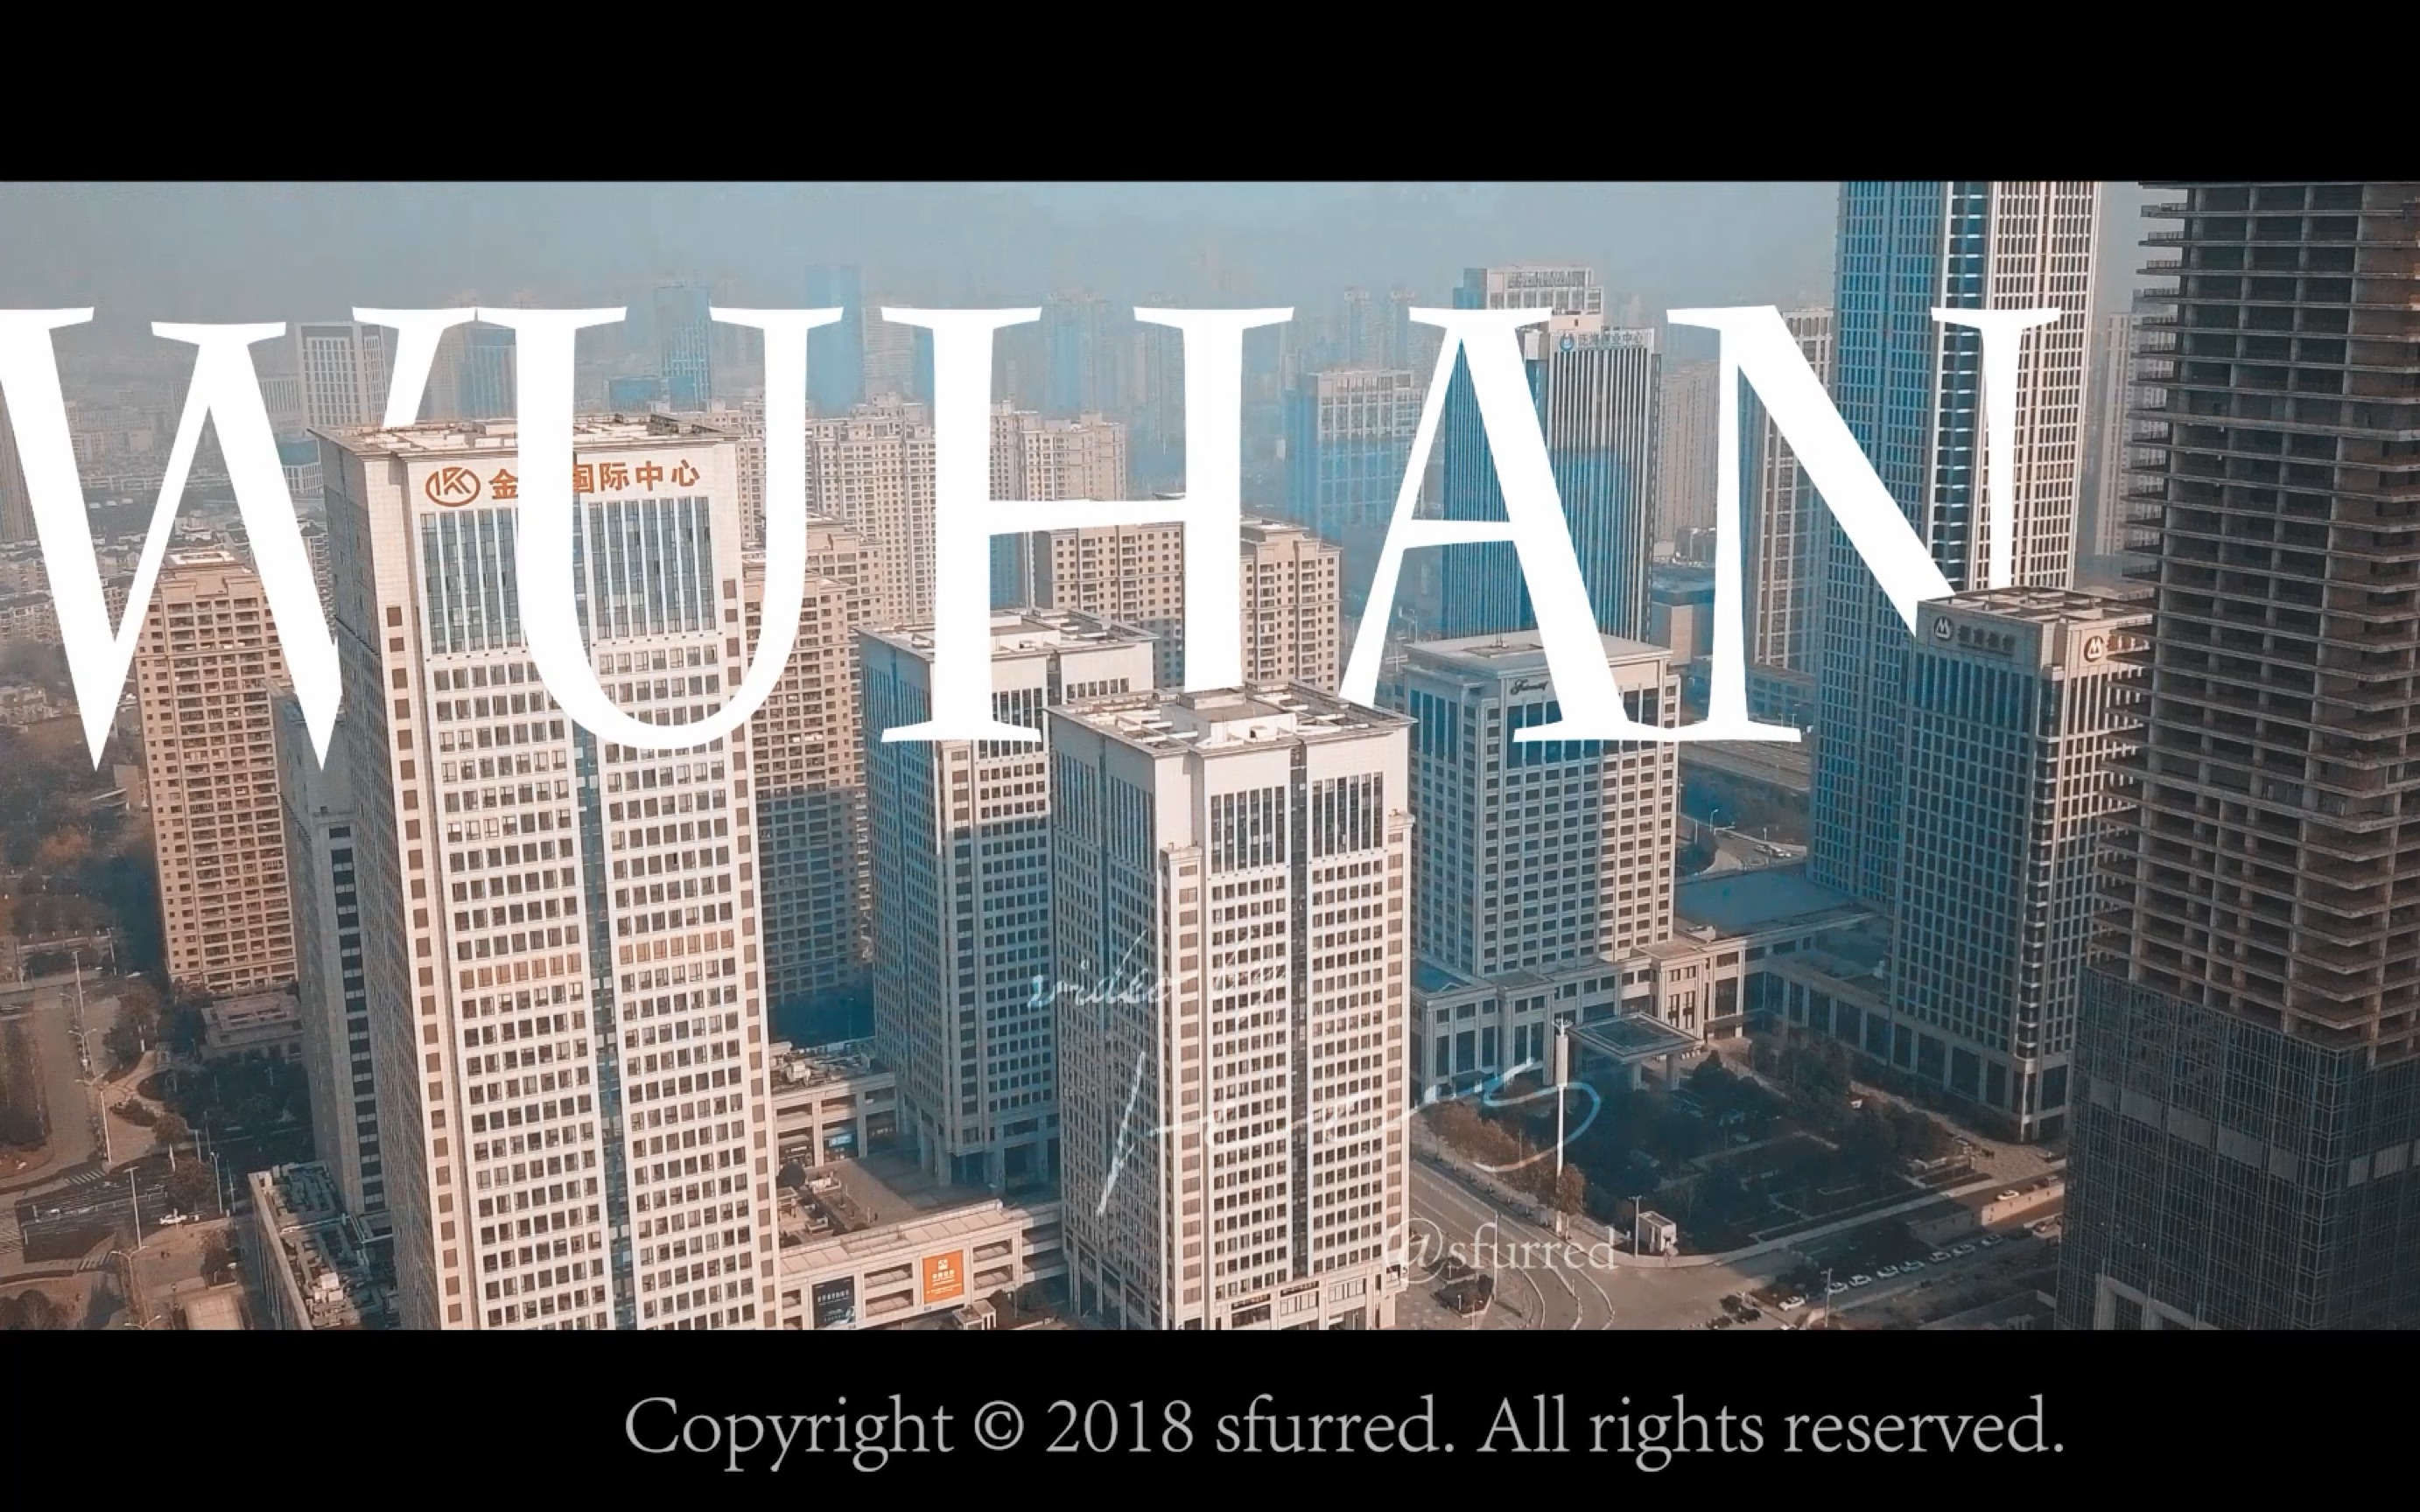 「我在武汉」 城市创意剪辑